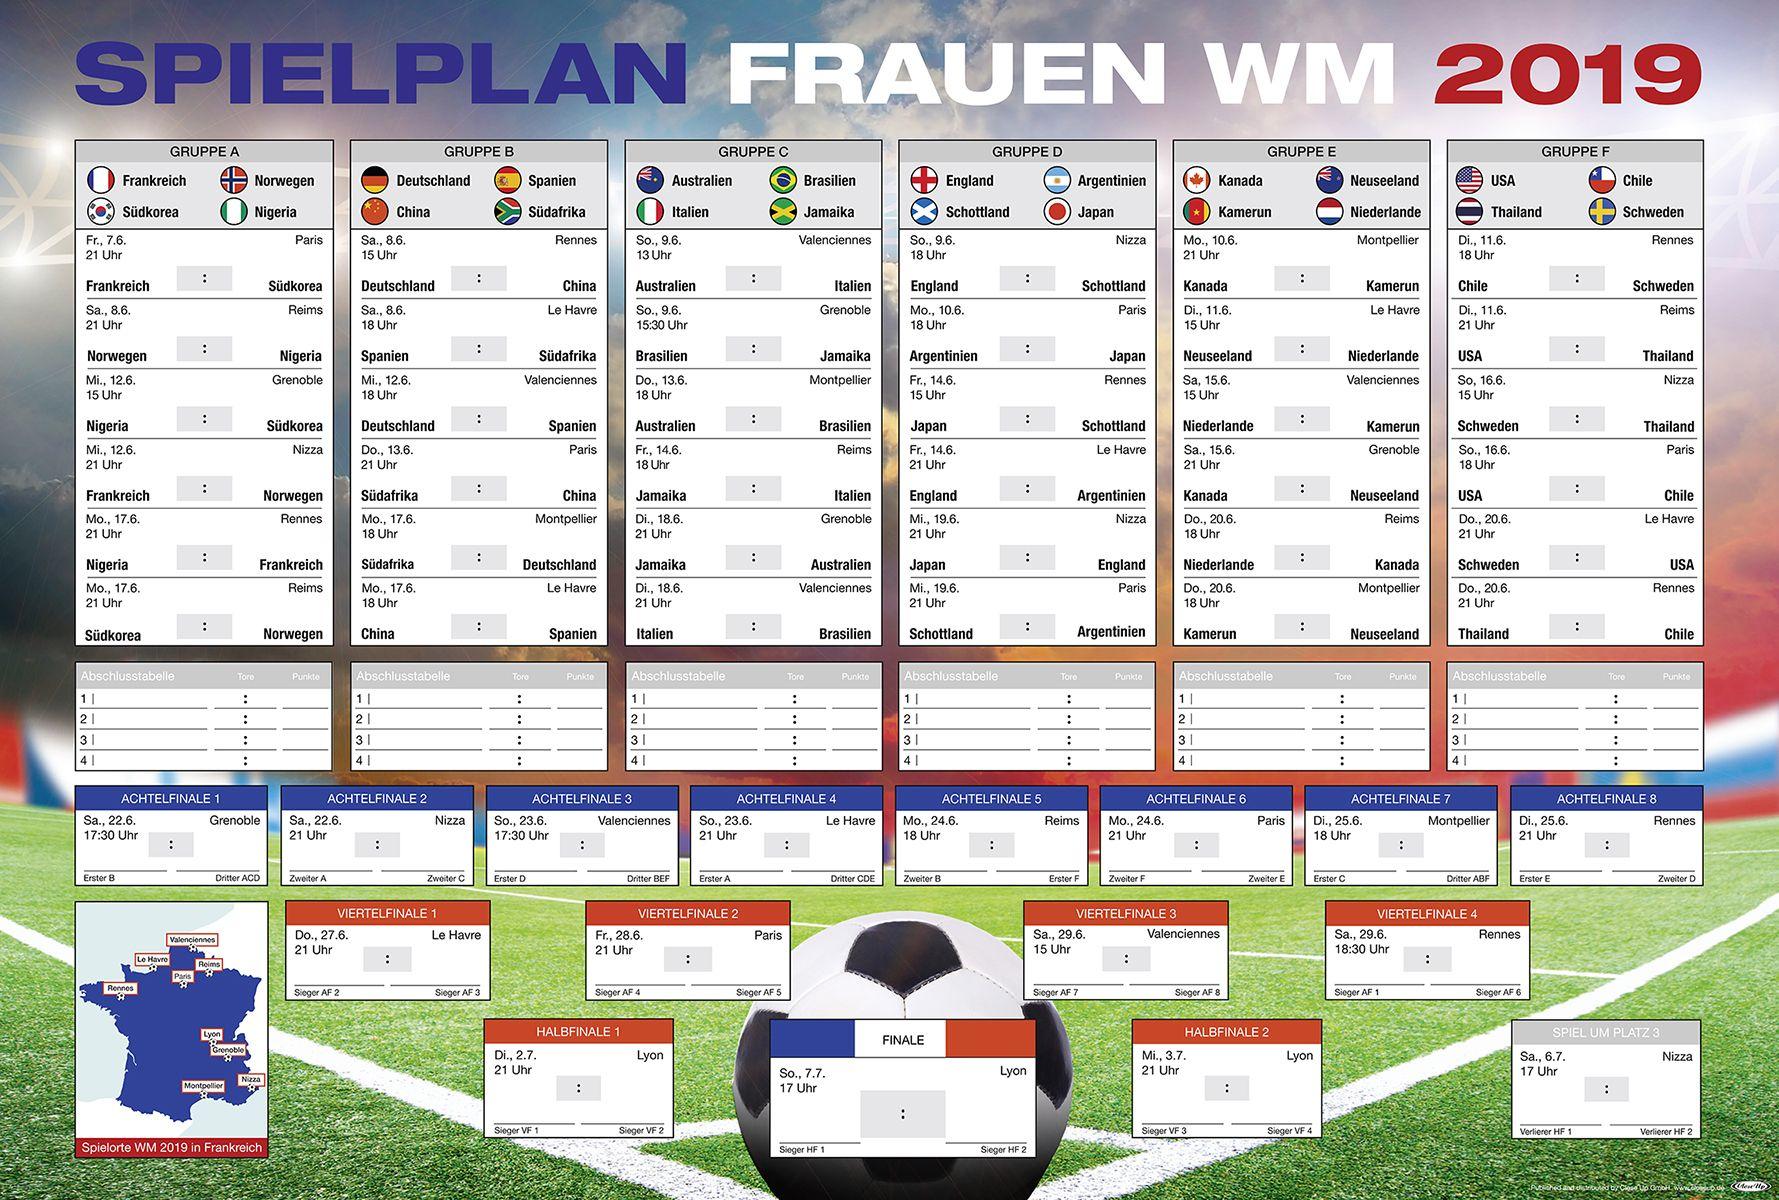 Spielplan Frauenfußball Wm